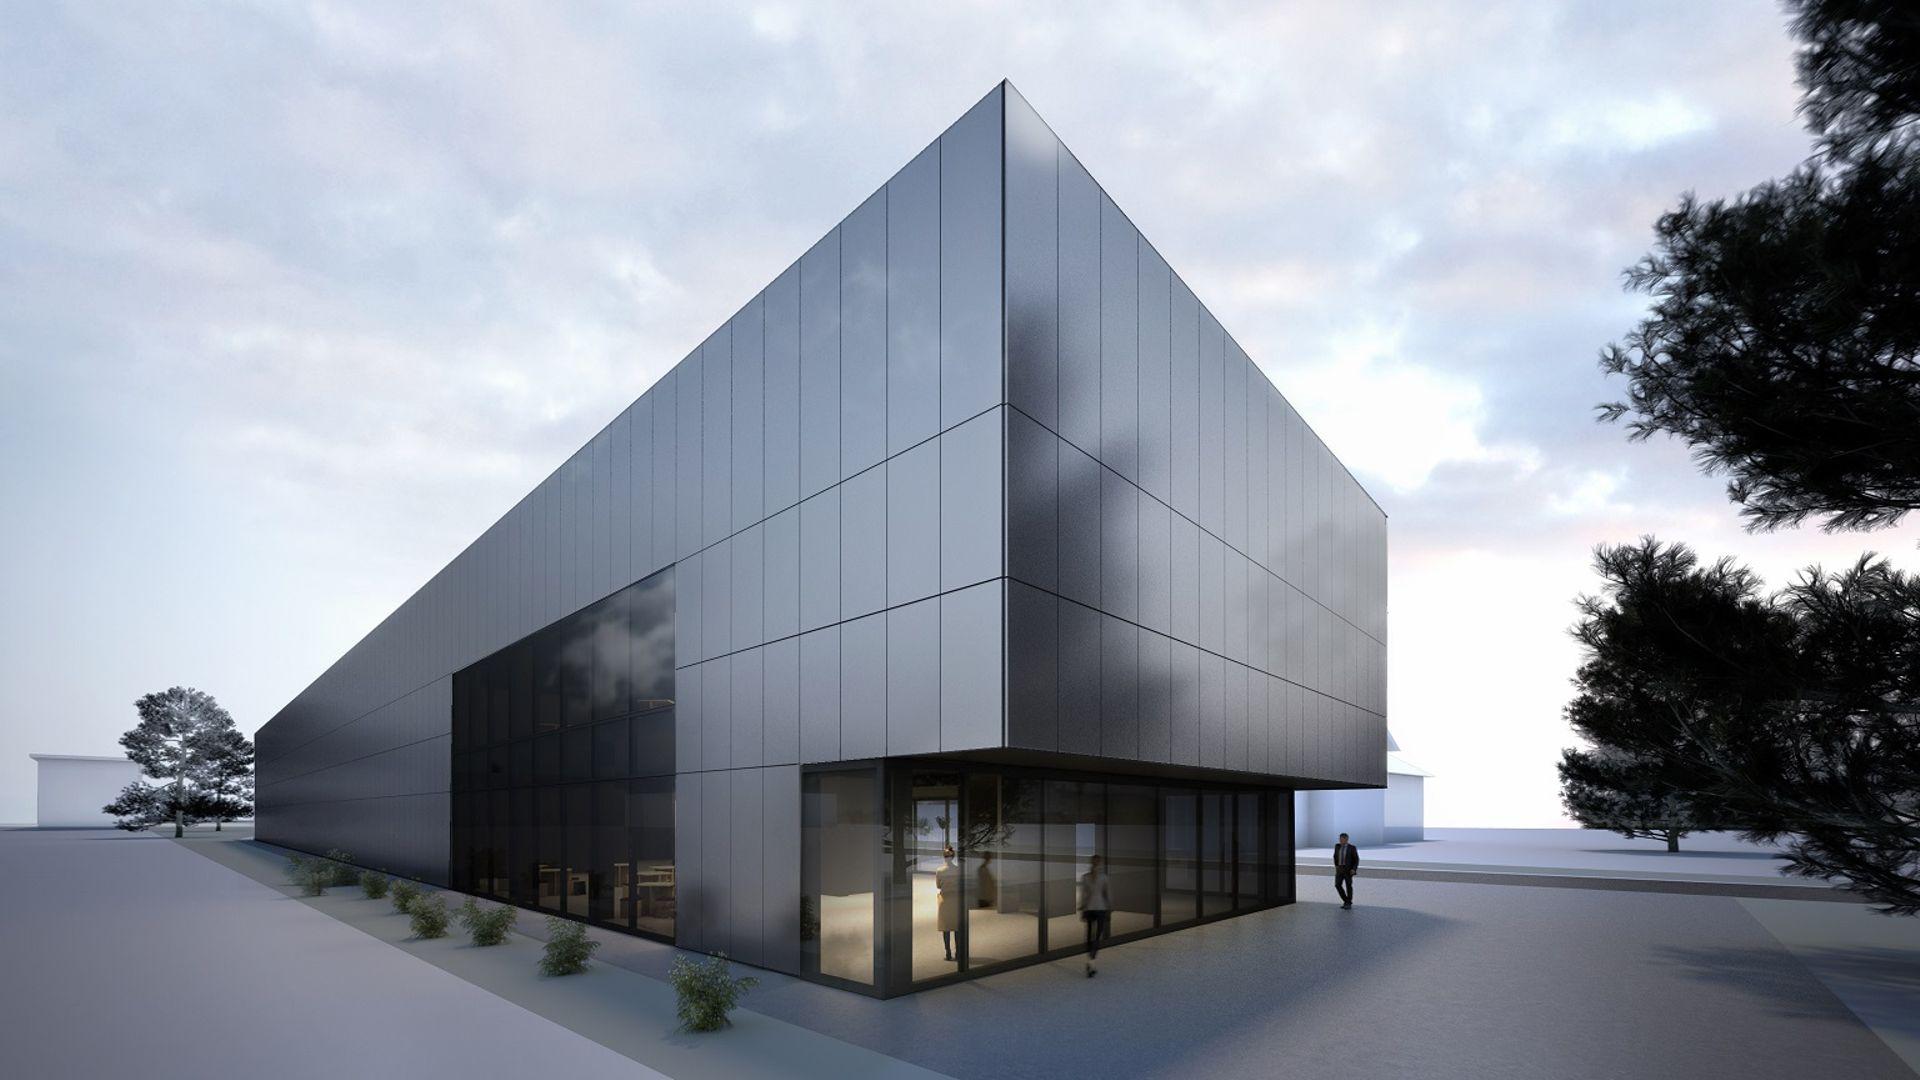 Skanska wybuduje nową siedzibę Archiwum Narodowego w Nowym Sączu